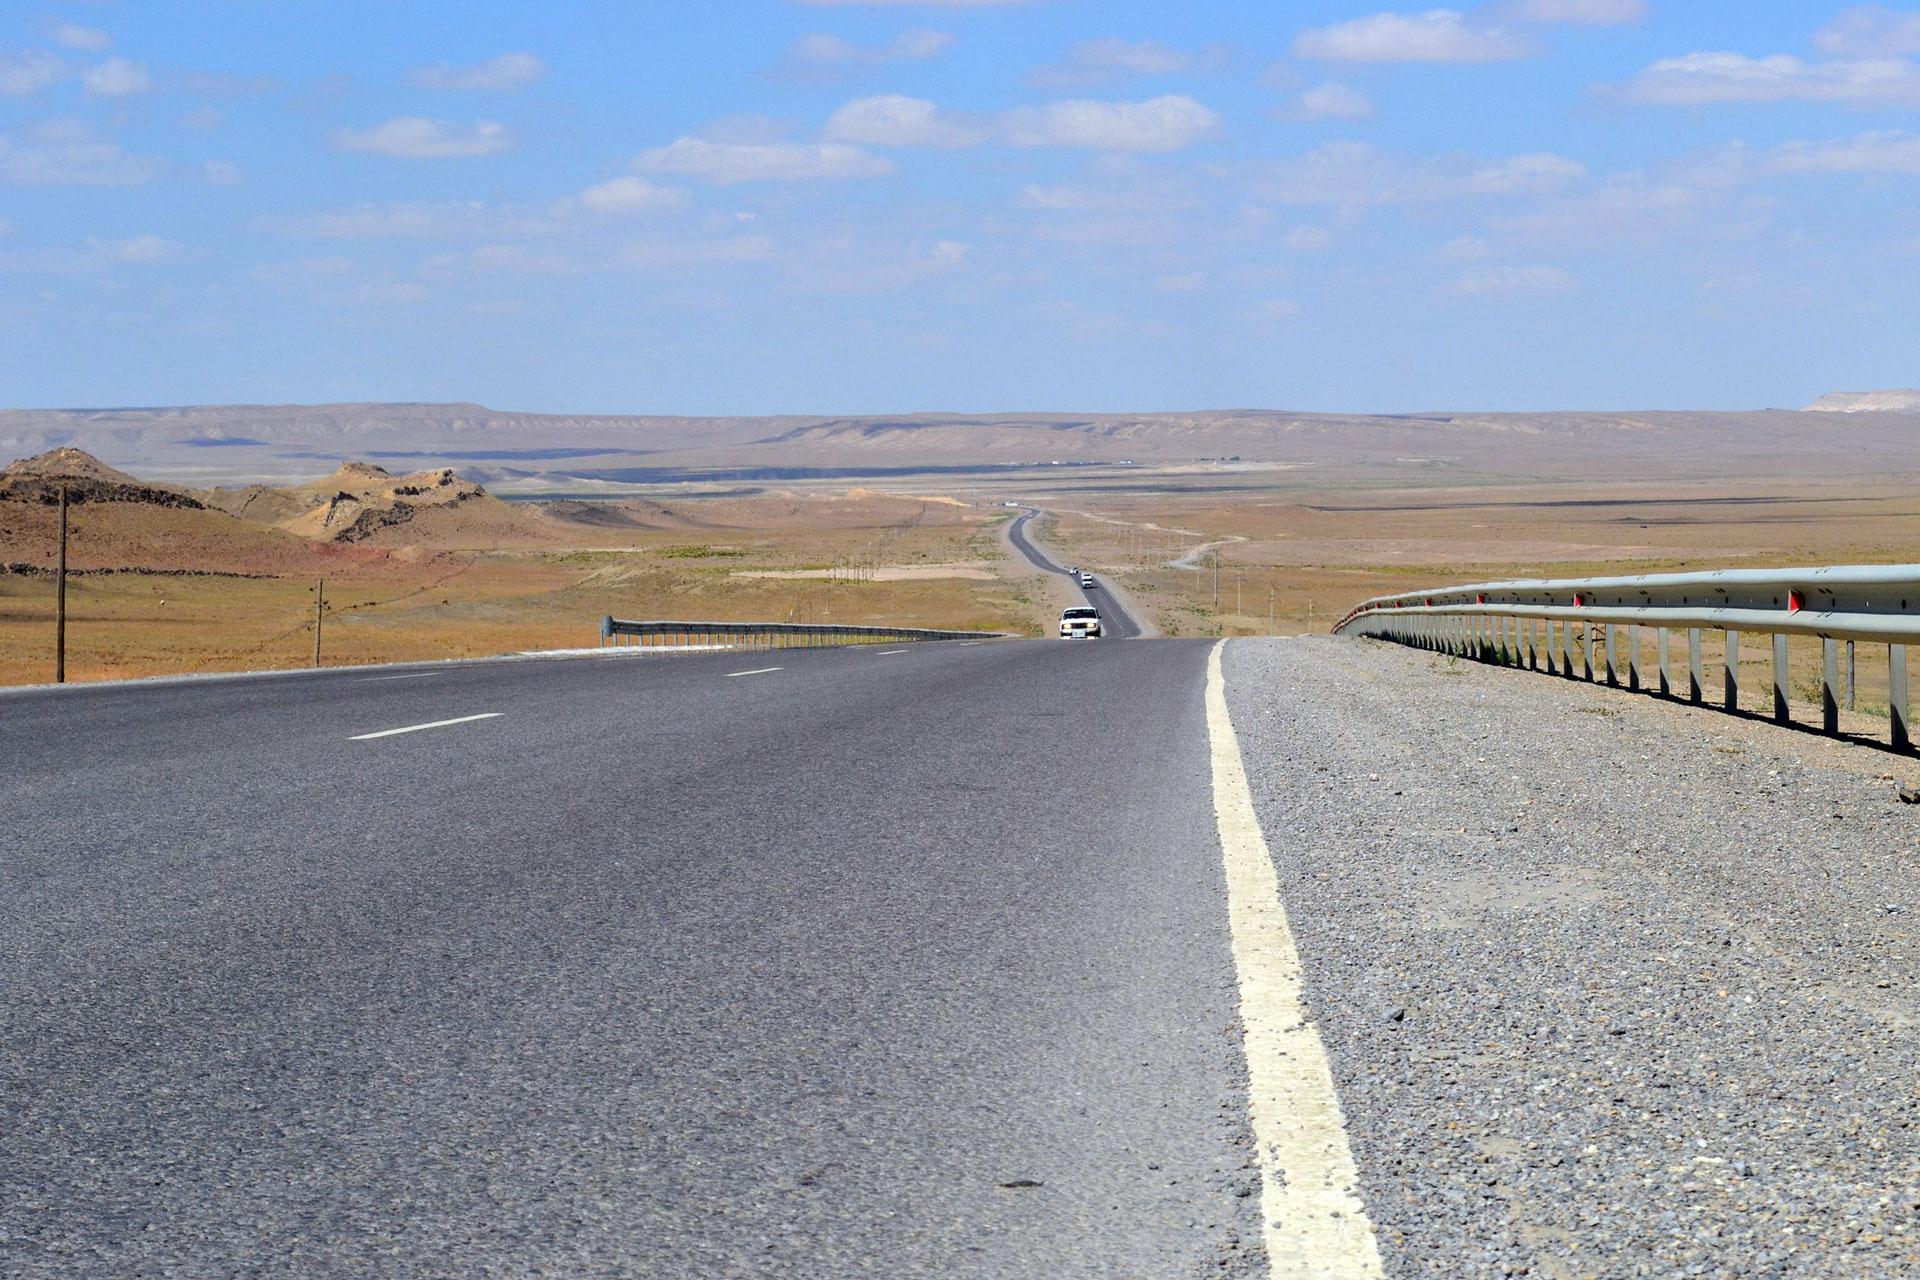 Утверждено создание транспортного коридора «Туристская магистраль Узбекистана»